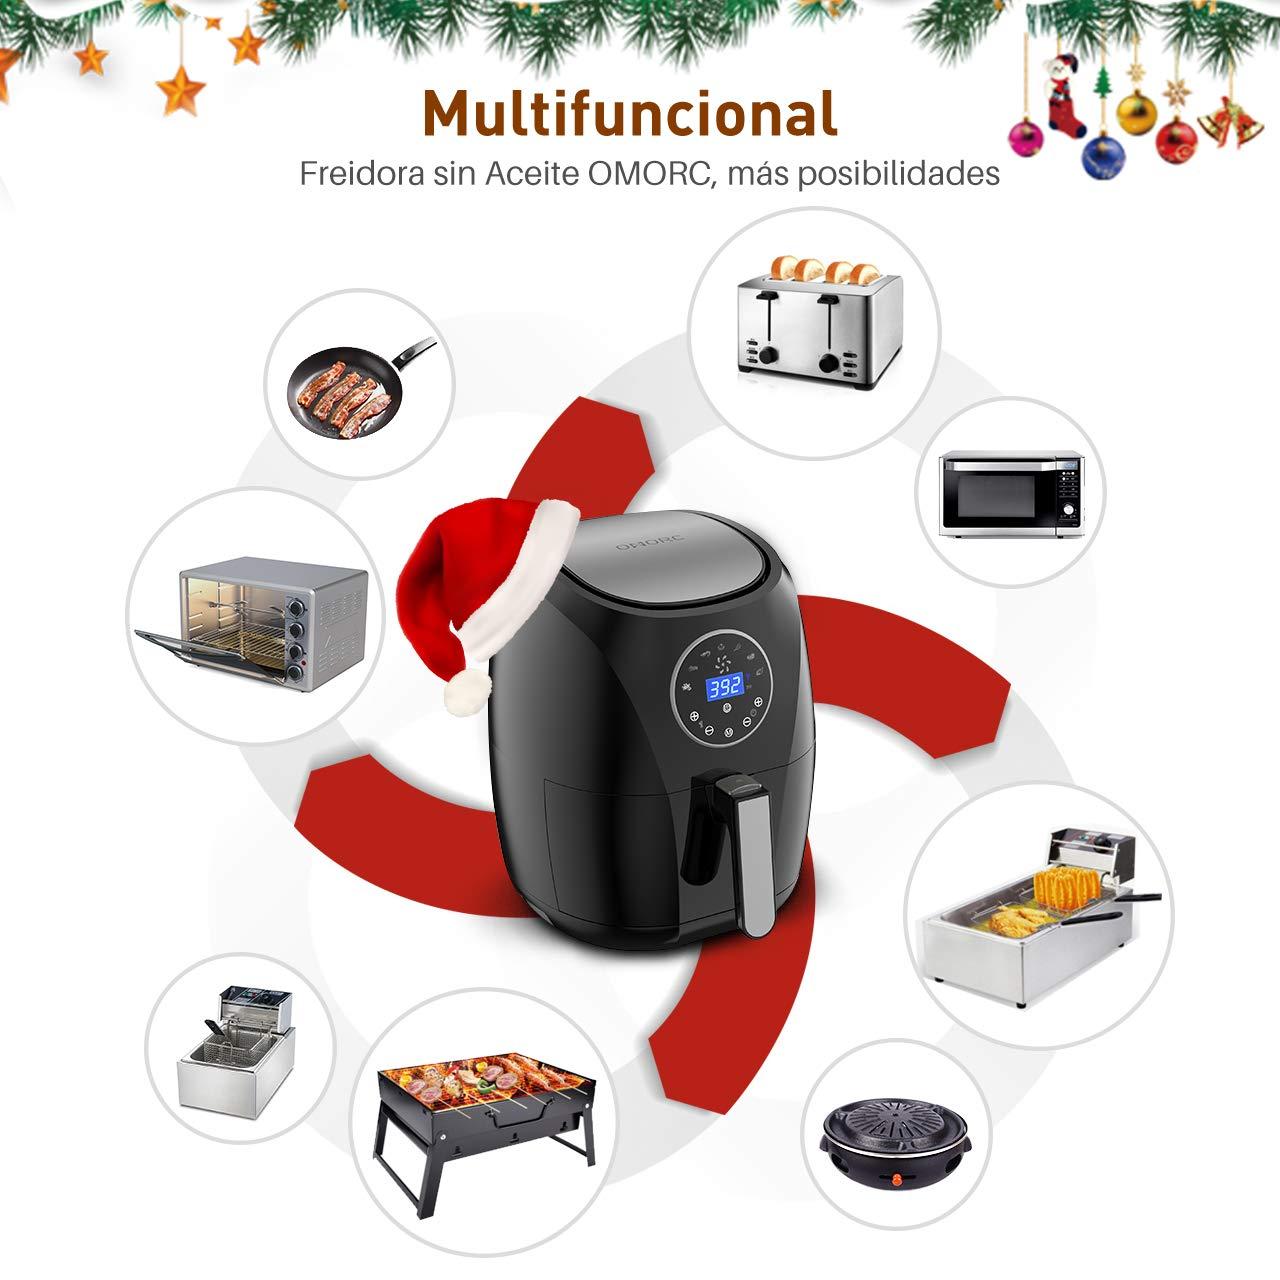 OMORC Freidora sin Aceite 3.5L, 7 Modos de Cocción, Freidora de Aire Apagado Automático, Libre de BPA, Material de Grado Alimenticio,Cesta de Limpieza Fácil ...